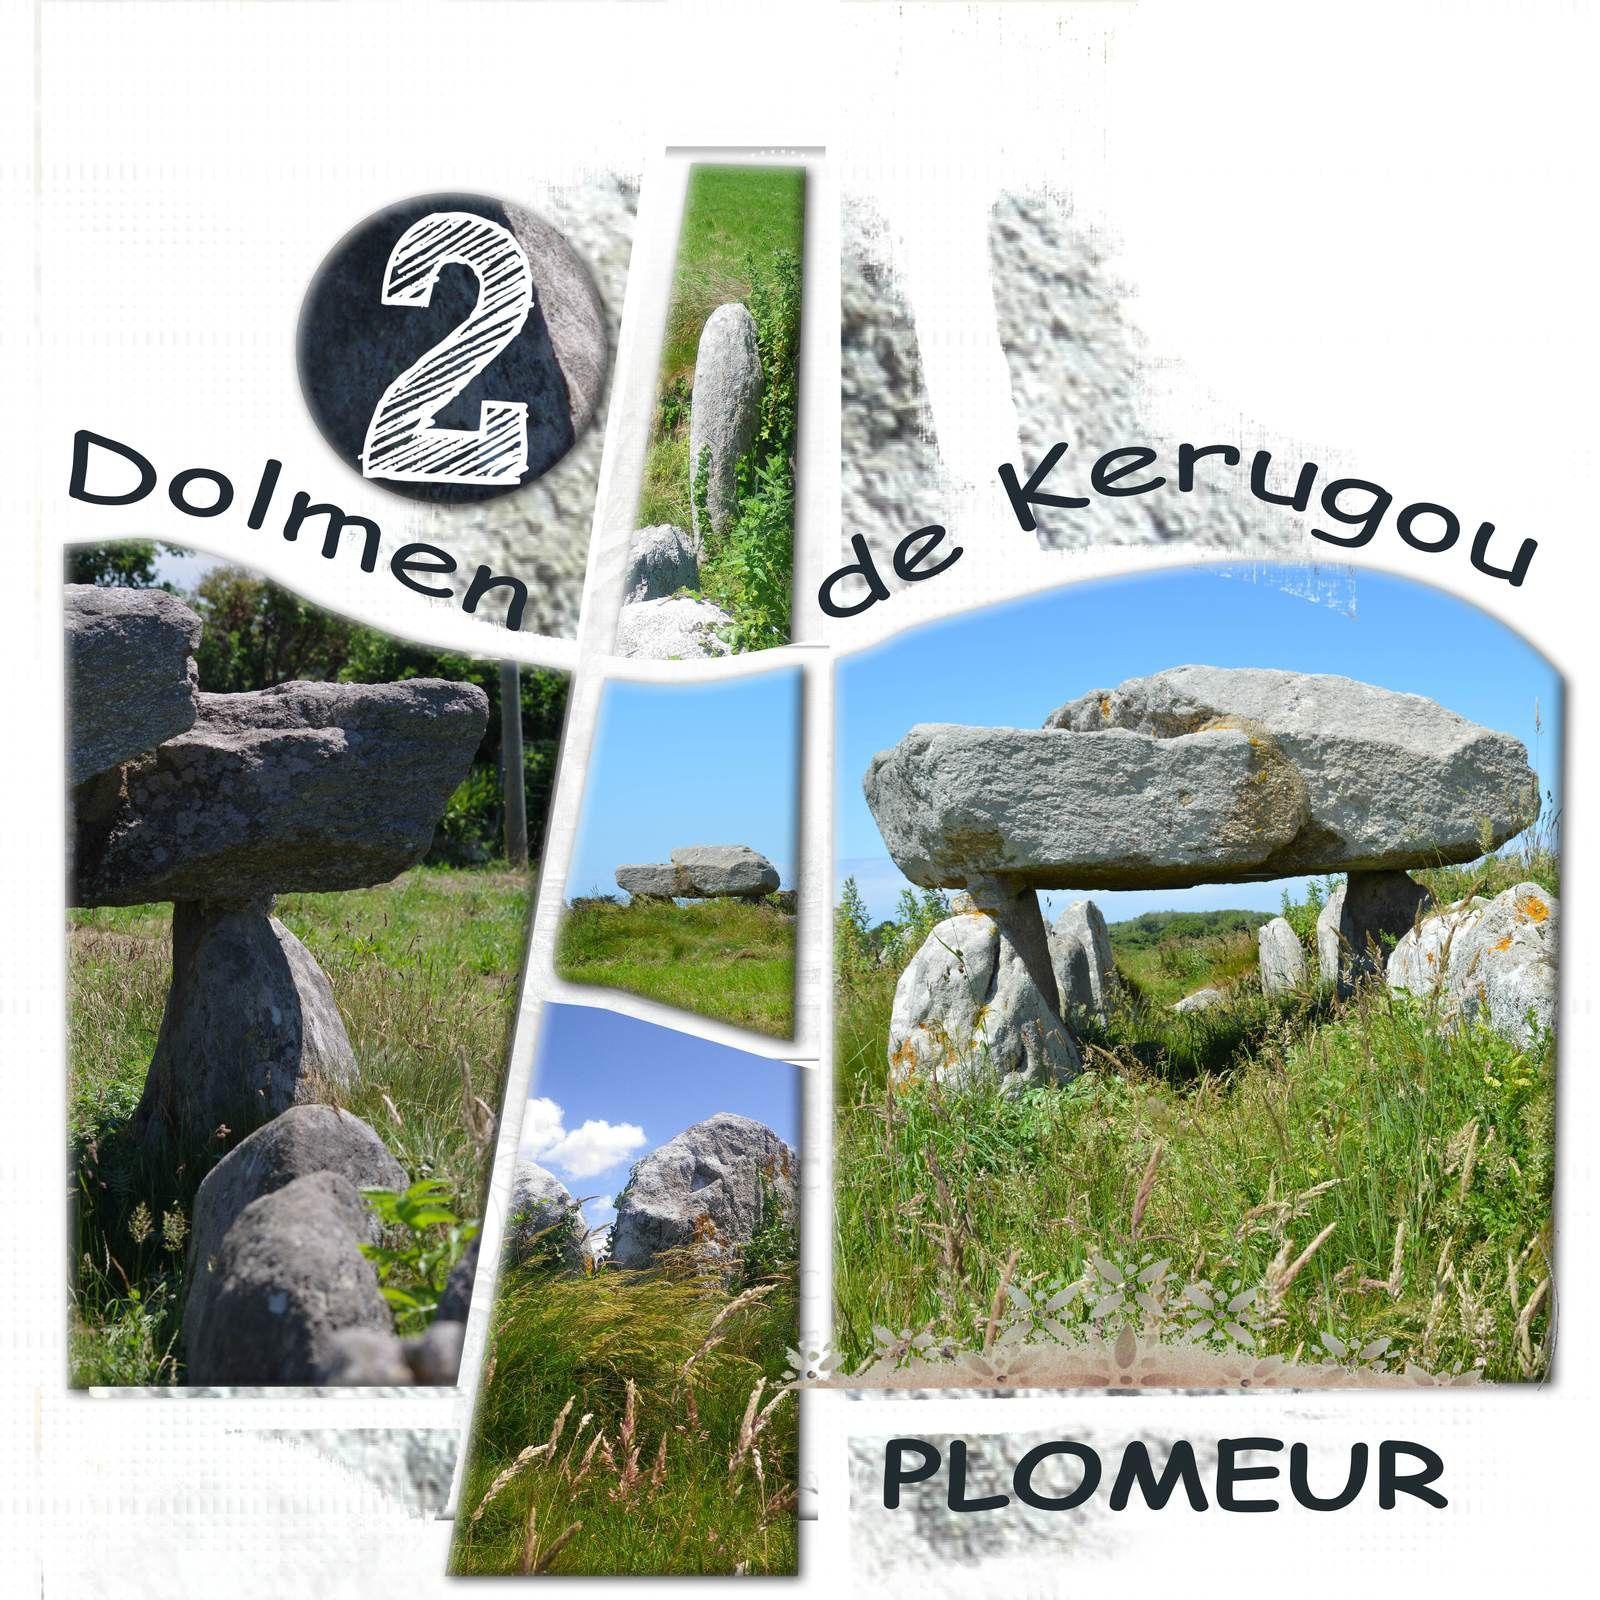 KERUGOU - PLOMEUR